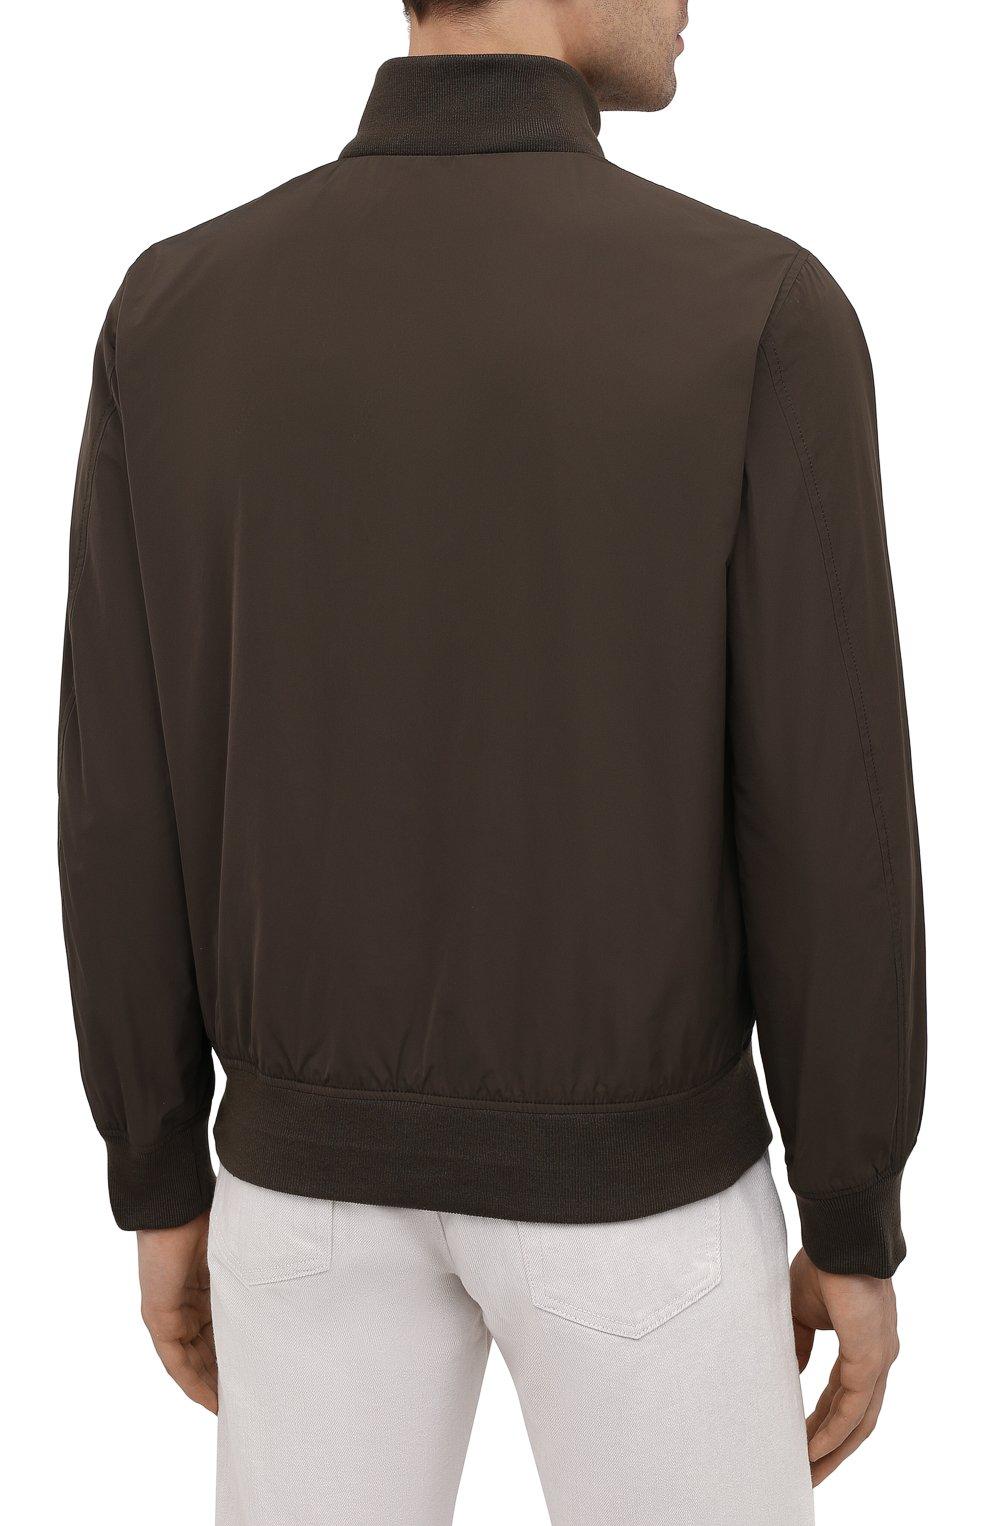 Мужской бомбер ASPESI хаки цвета, арт. S1 I I918 G703 | Фото 4 (Кросс-КТ: Куртка; Рукава: Длинные; Принт: Без принта; Материал внешний: Синтетический материал; Материал подклада: Синтетический материал; Длина (верхняя одежда): Короткие; Стили: Кэжуэл)